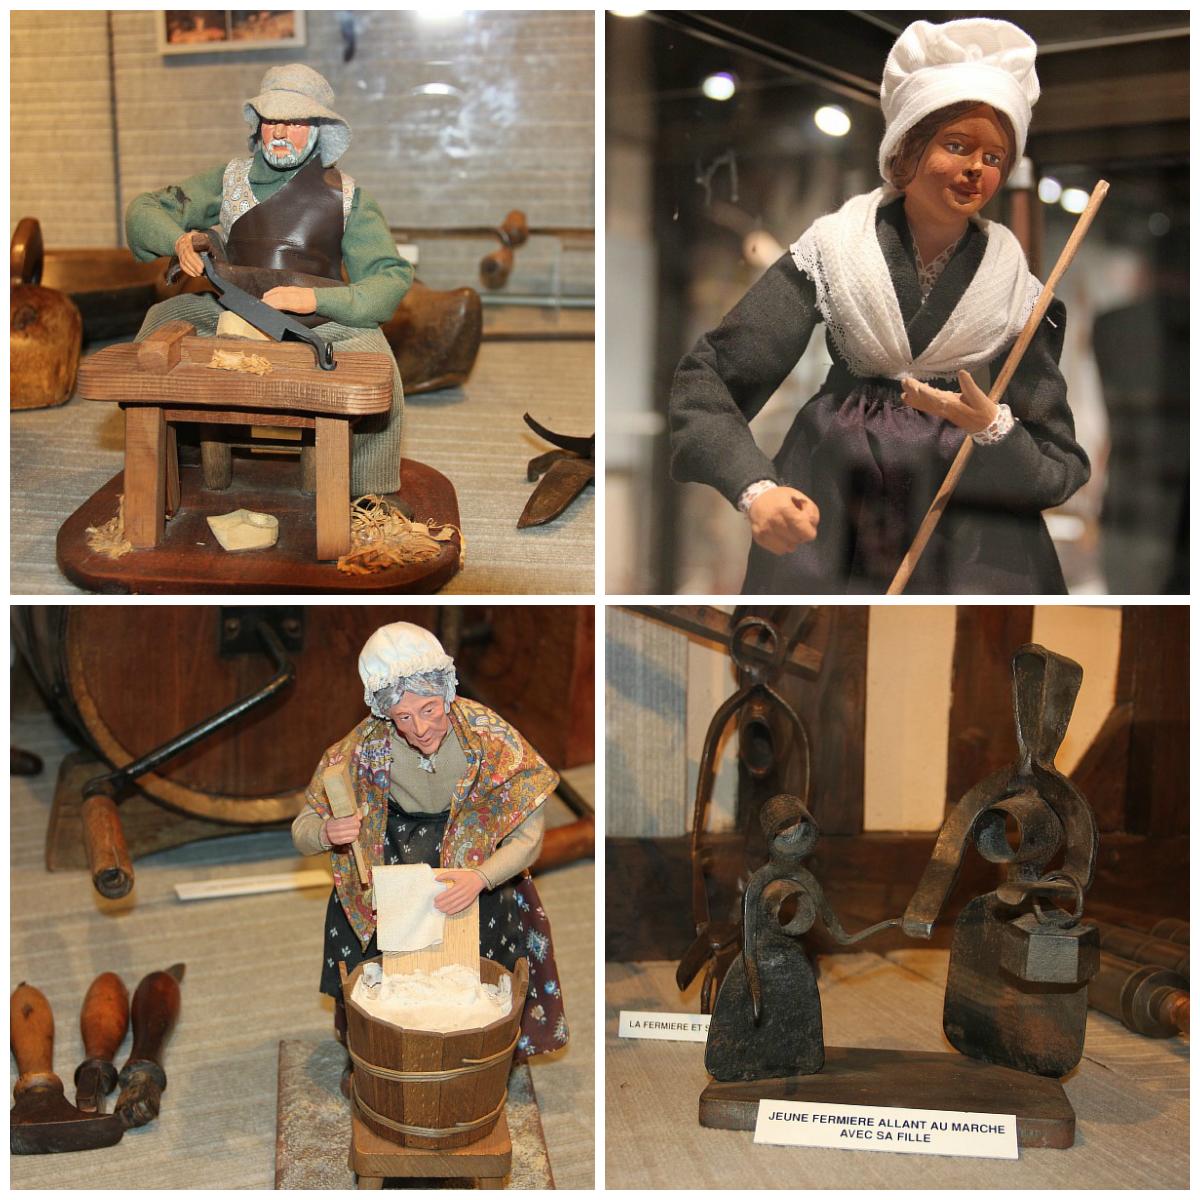 Нормандия, путешествия, музей, фотография, Calvados, kukmor, ремесла, Аксанов Нияз, история, of IMG_6760